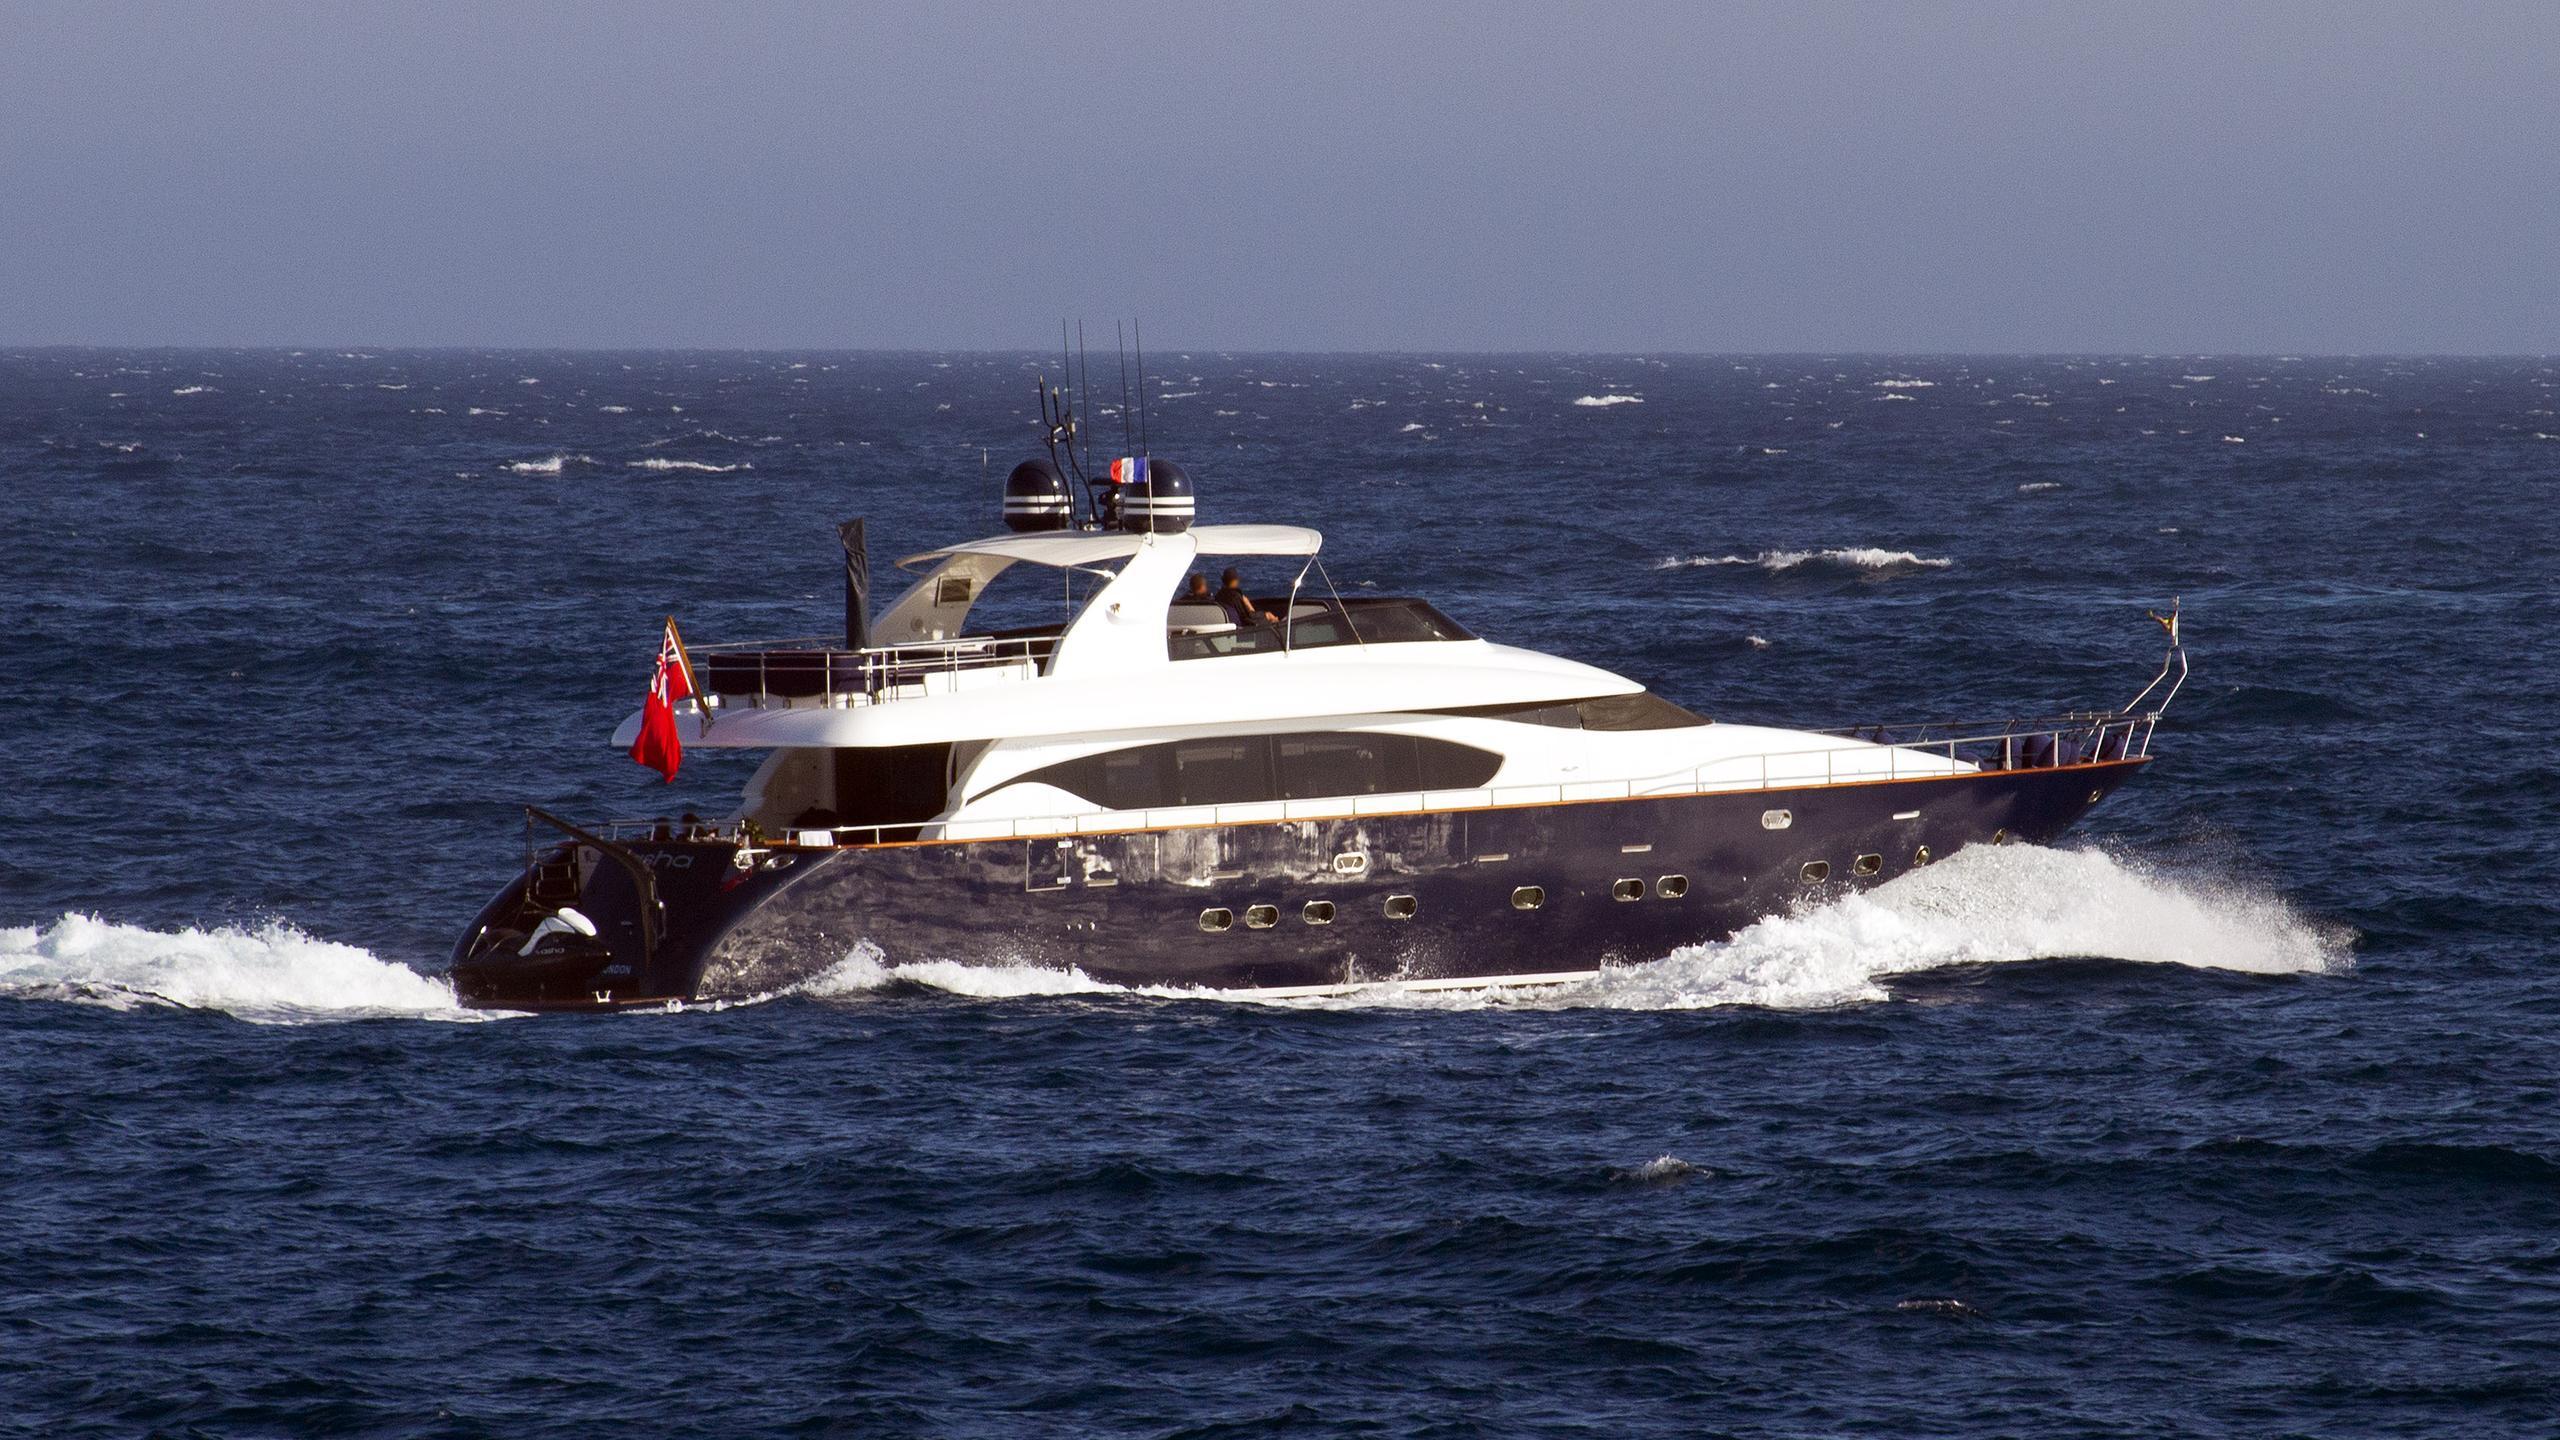 asha-motor-yacht-Maiora-27-2006-27m-running-half-stern